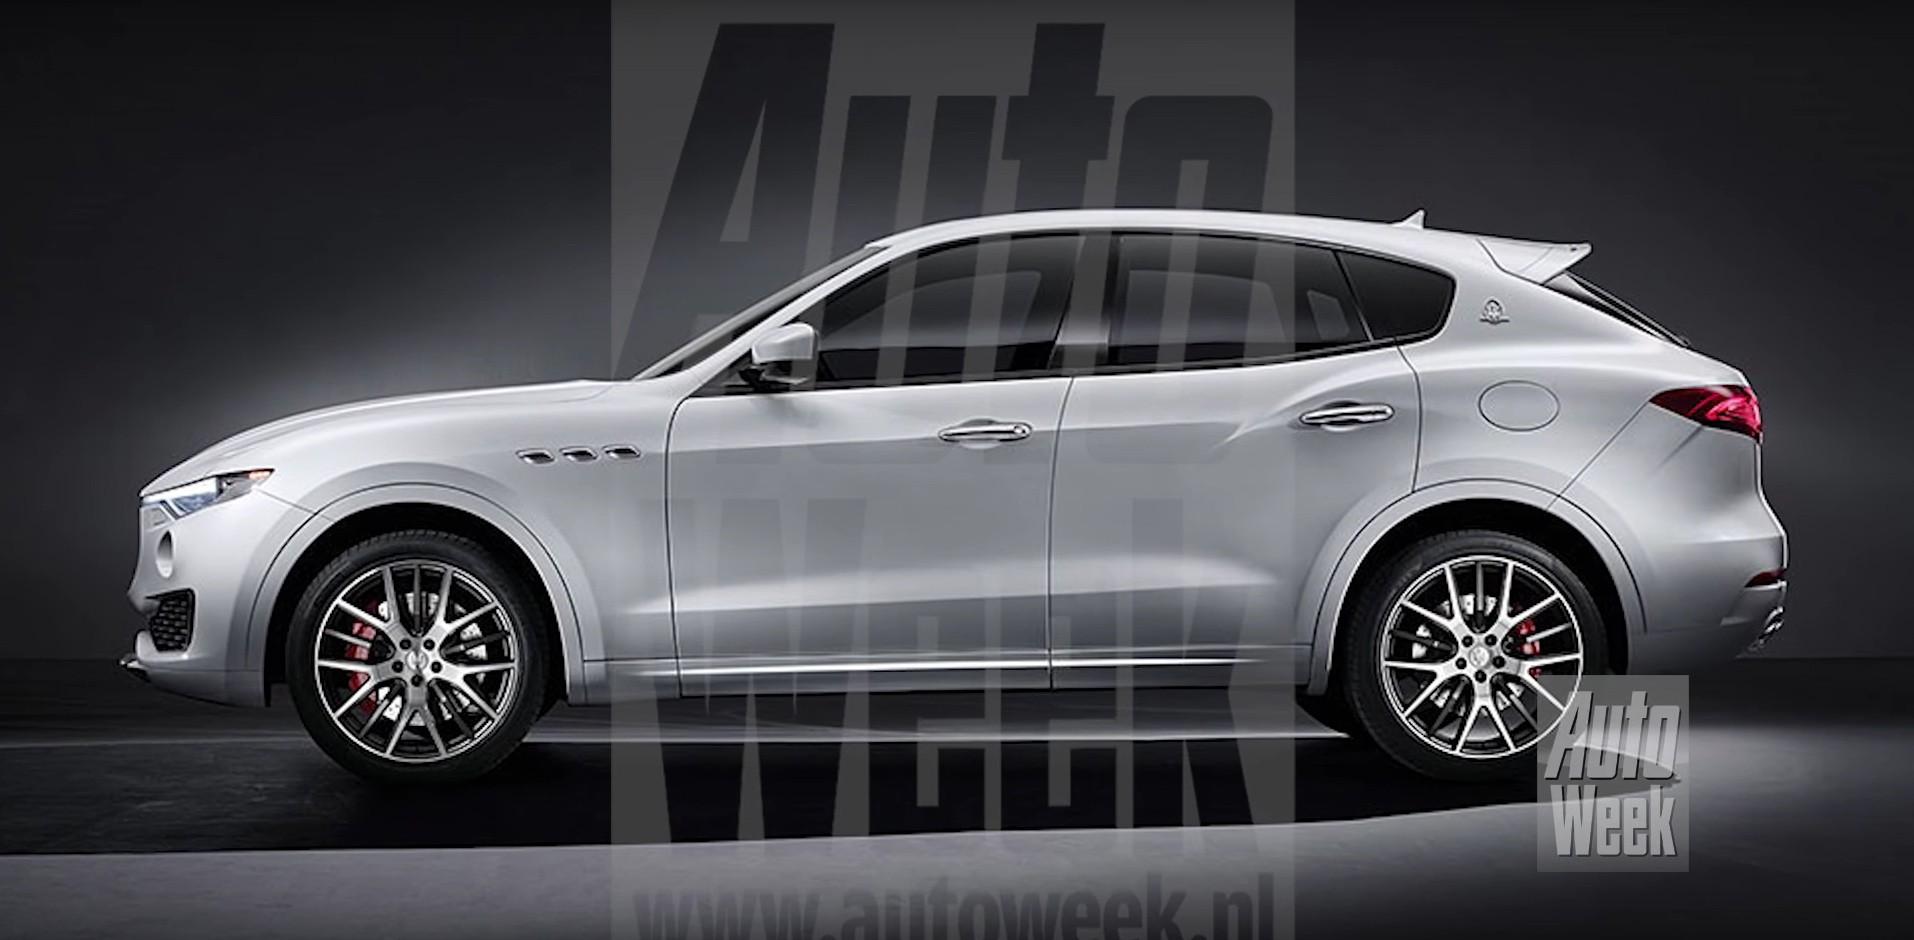 Maserati Ghibli Price >> Breaking: 2017 Maserati Levante SUV Leaks Early - autoevolution